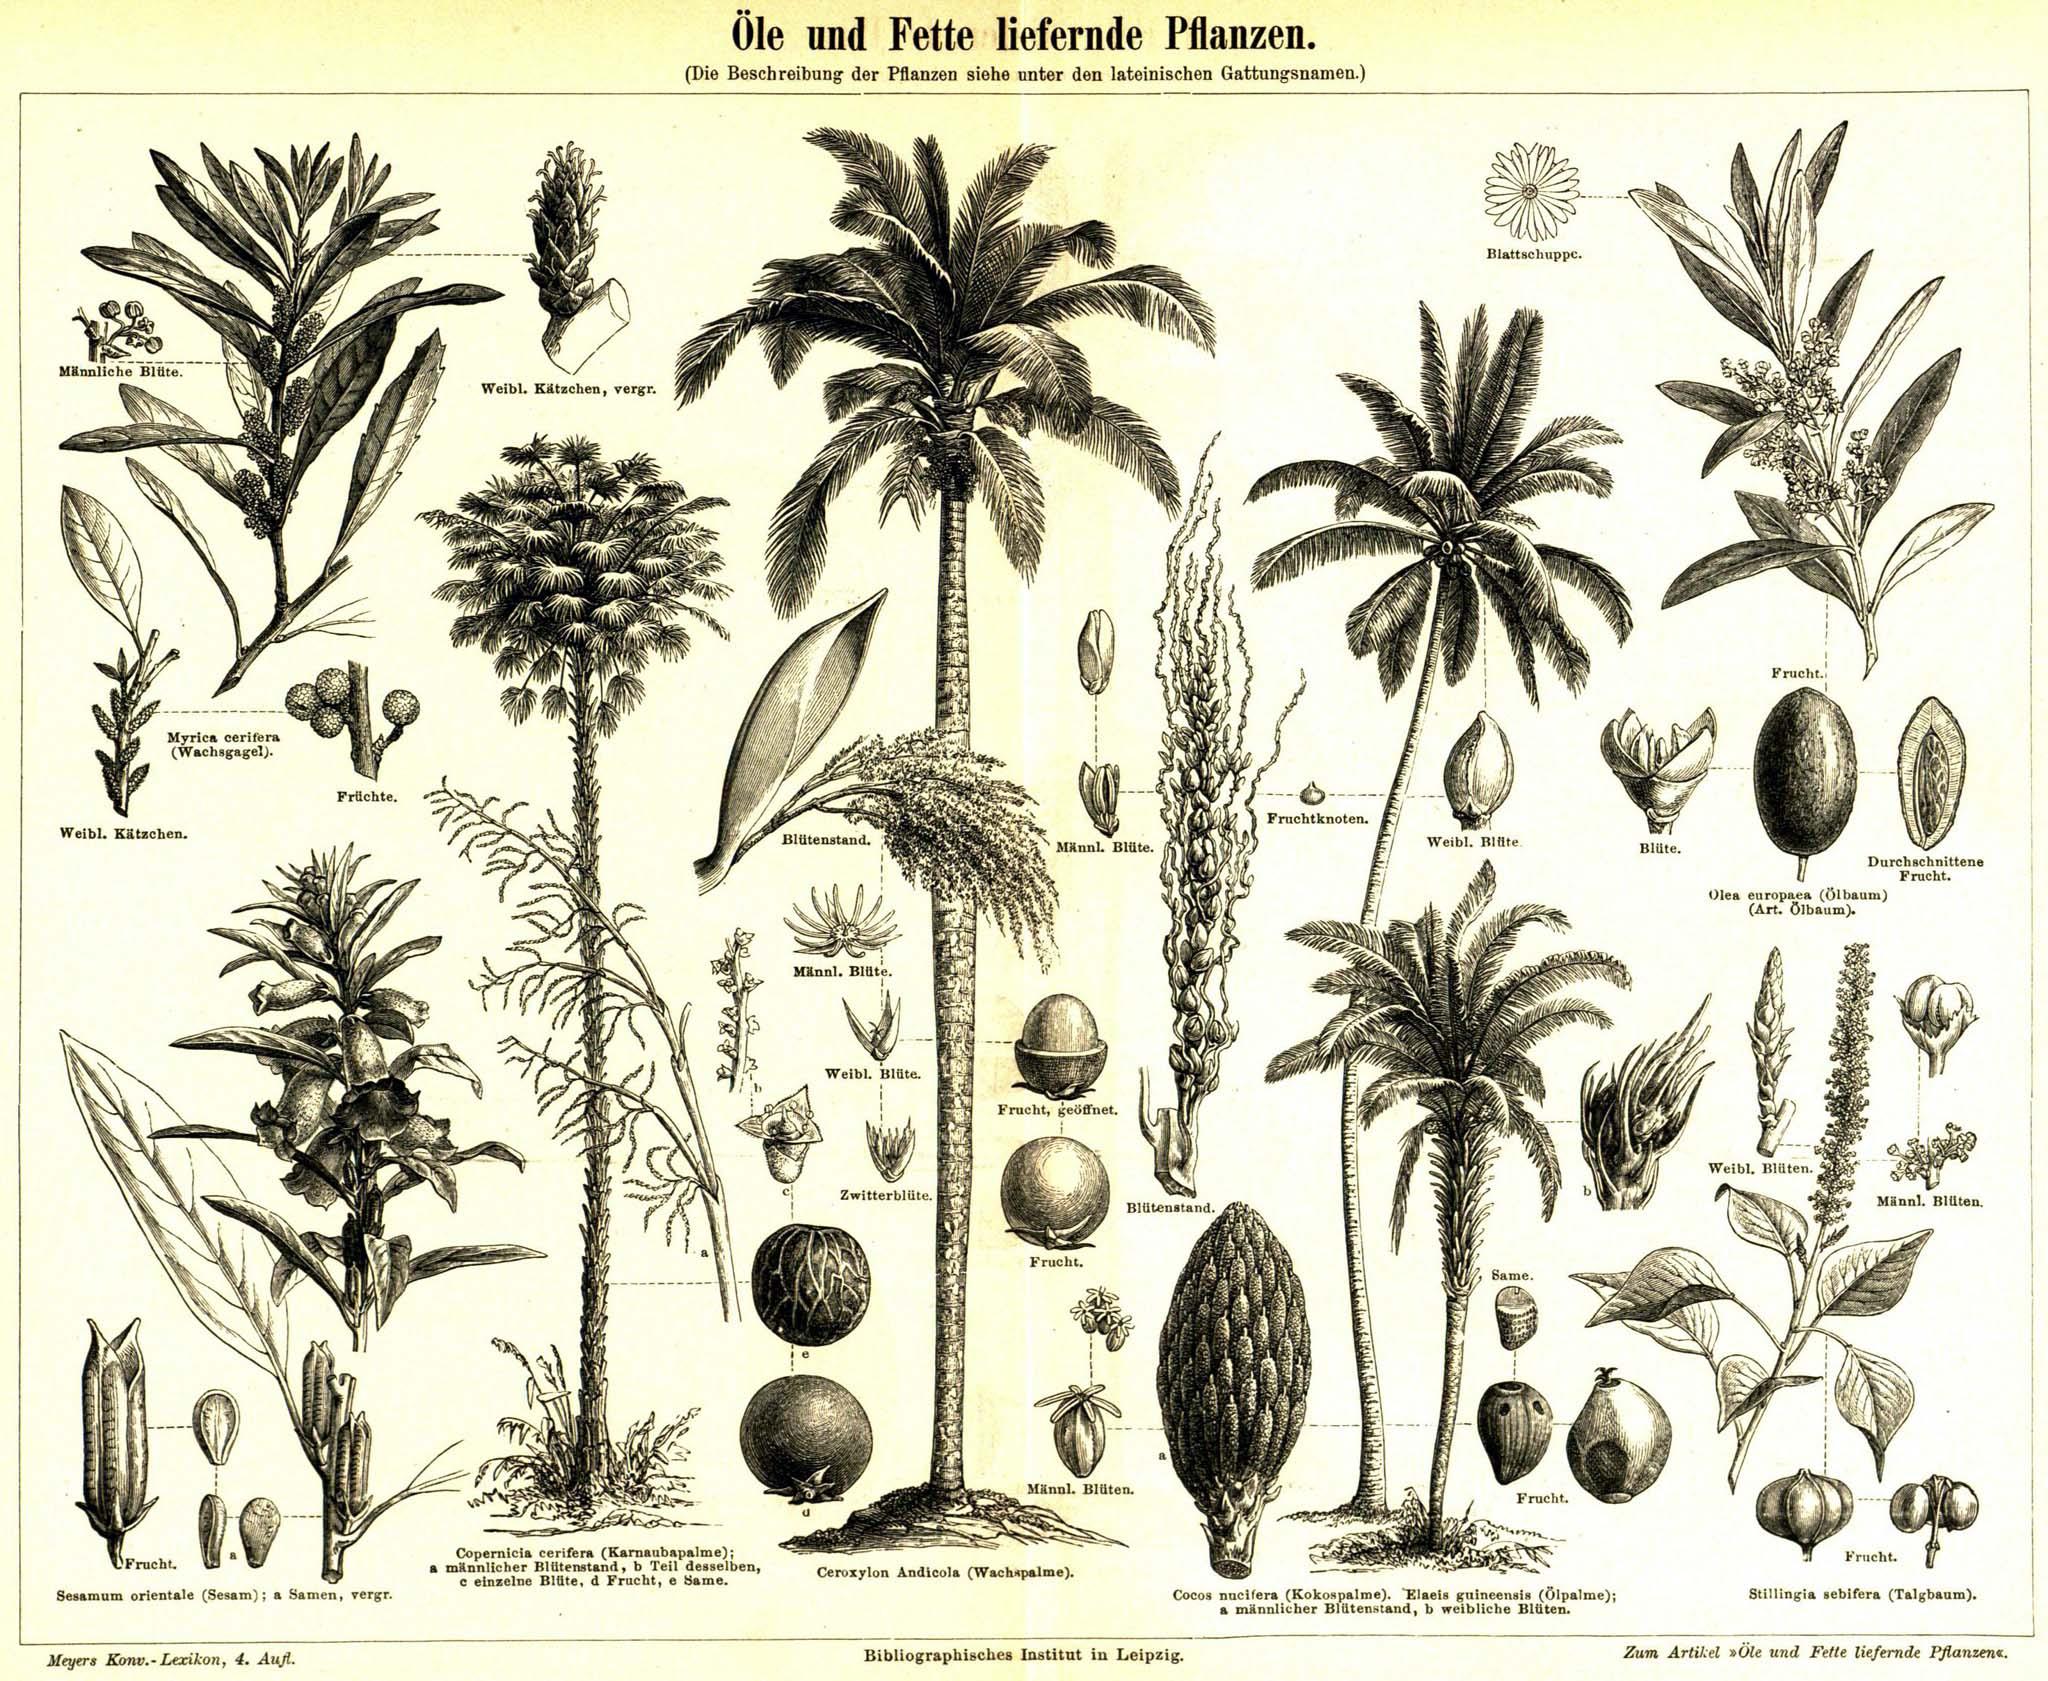 Öle und fette liefernde pflanzen